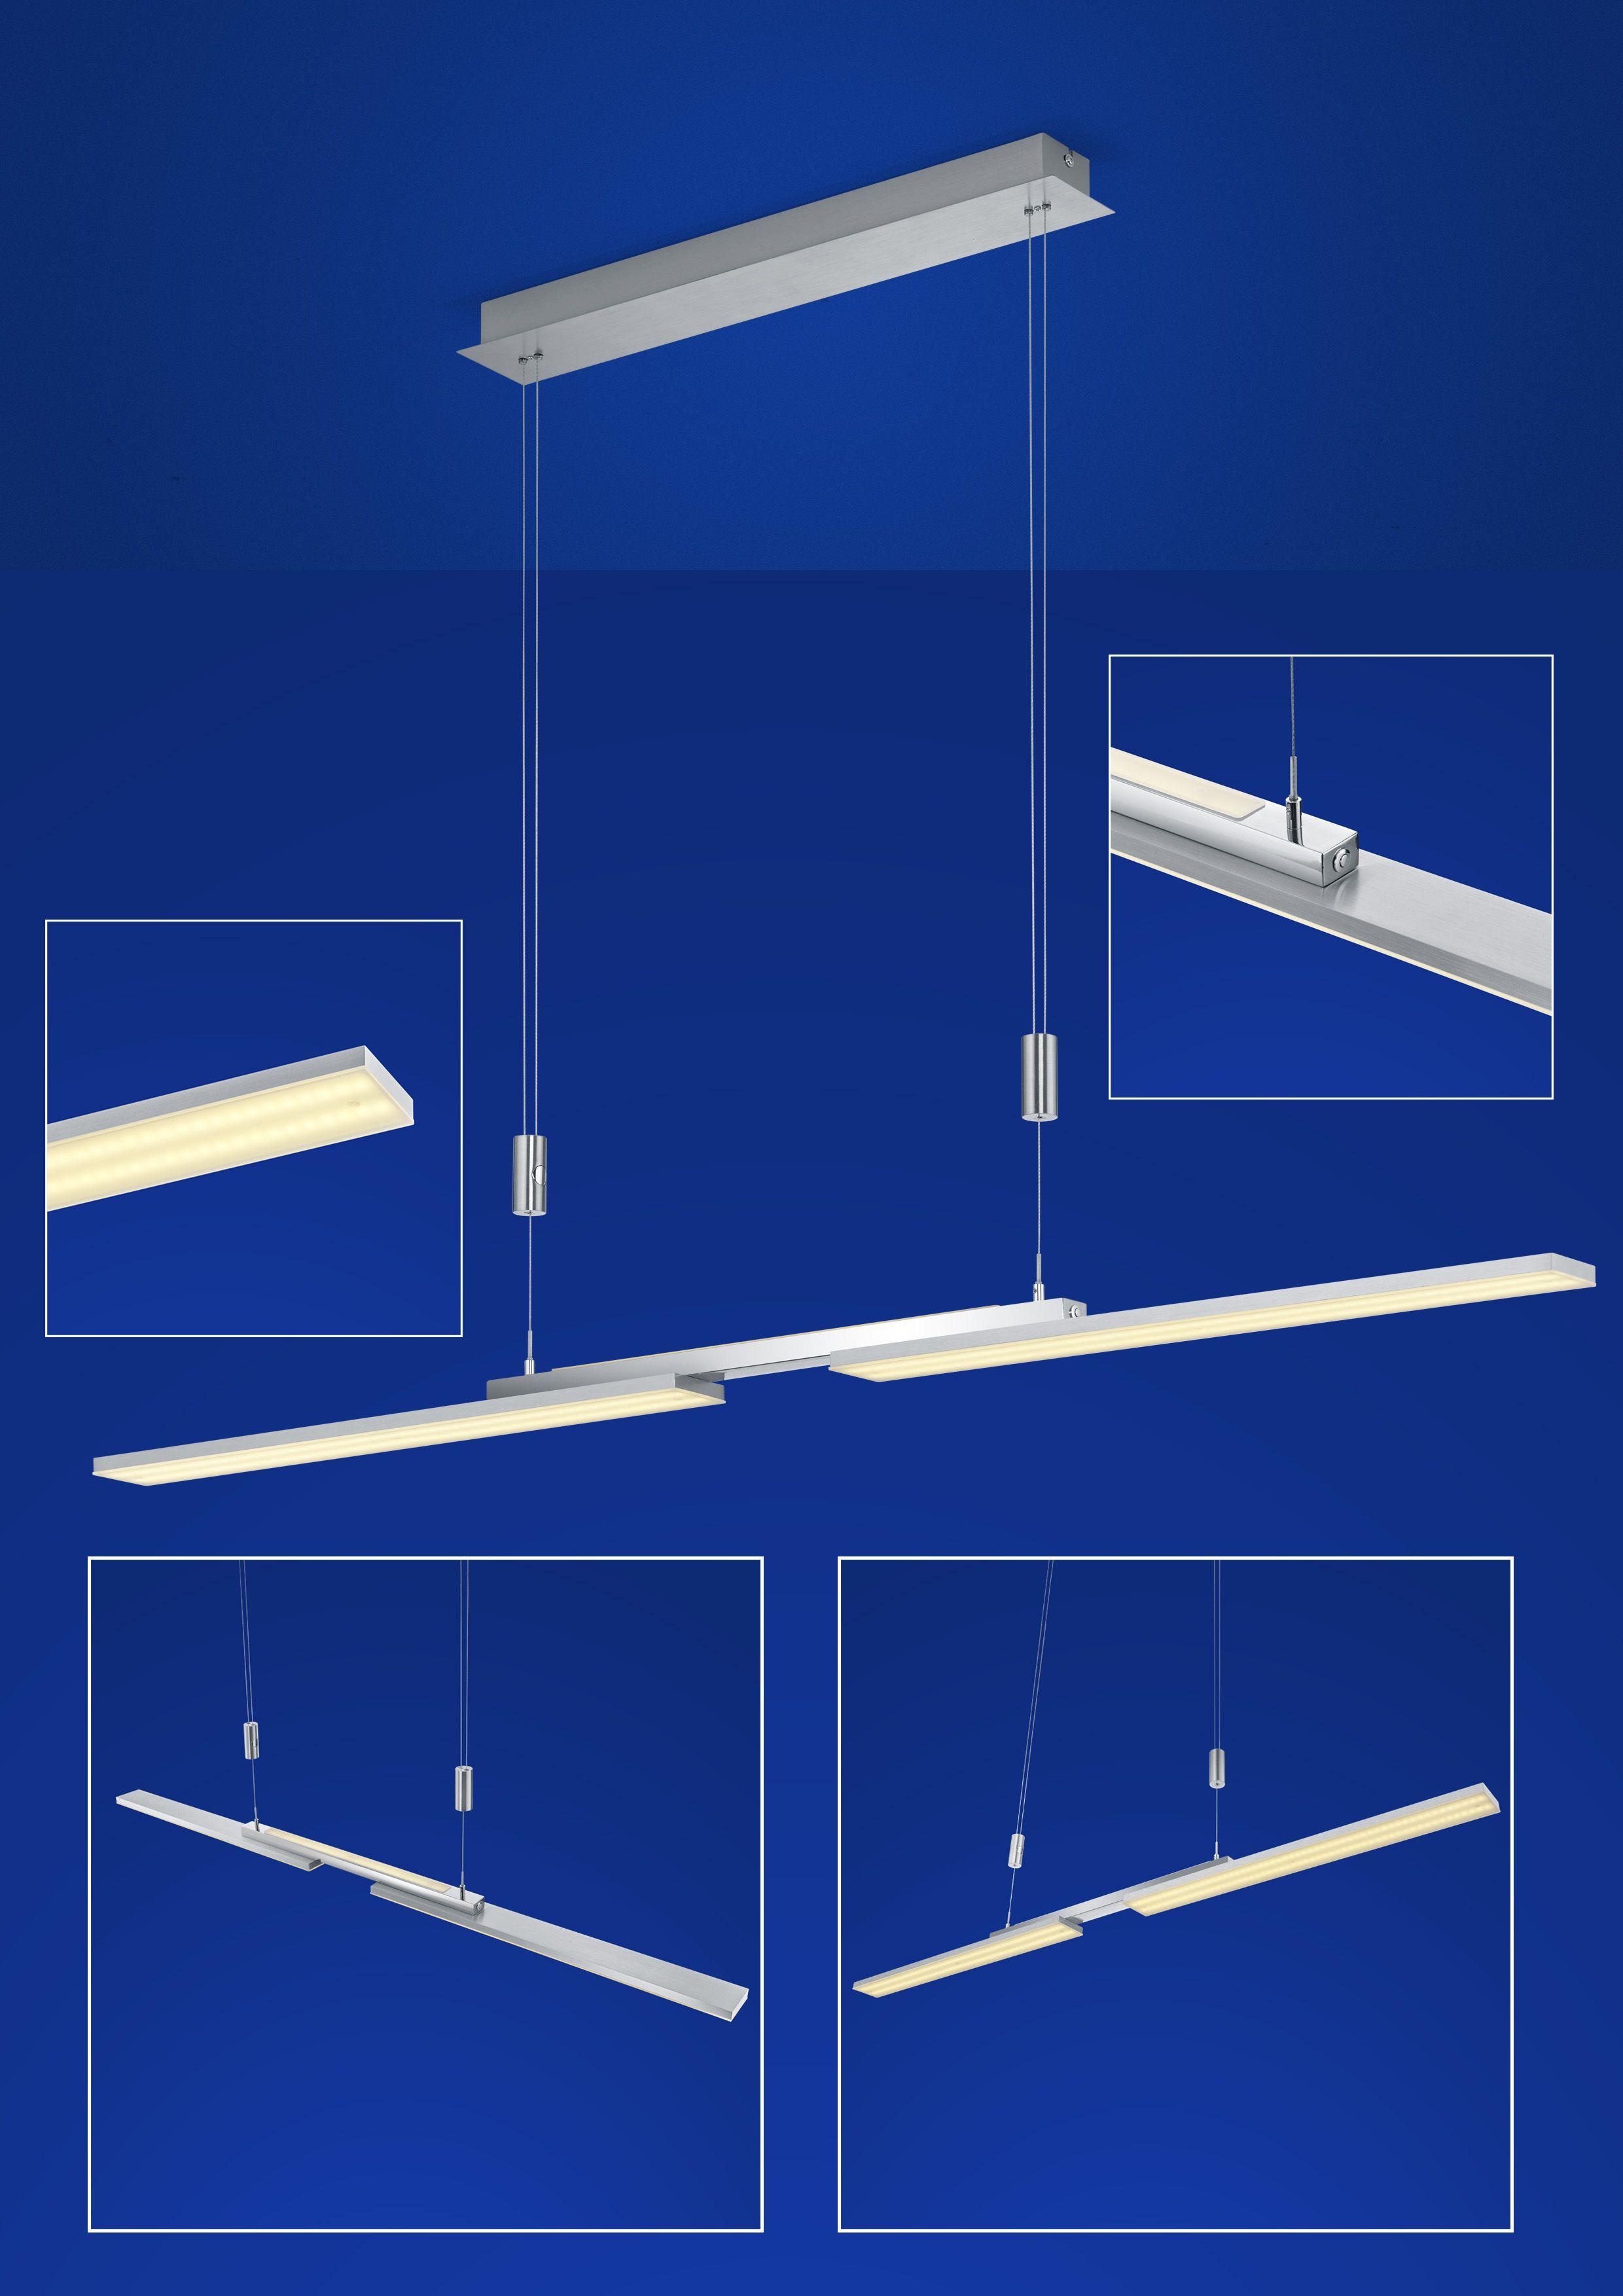 LESS LED Pendelleuchte von B-Leuchten